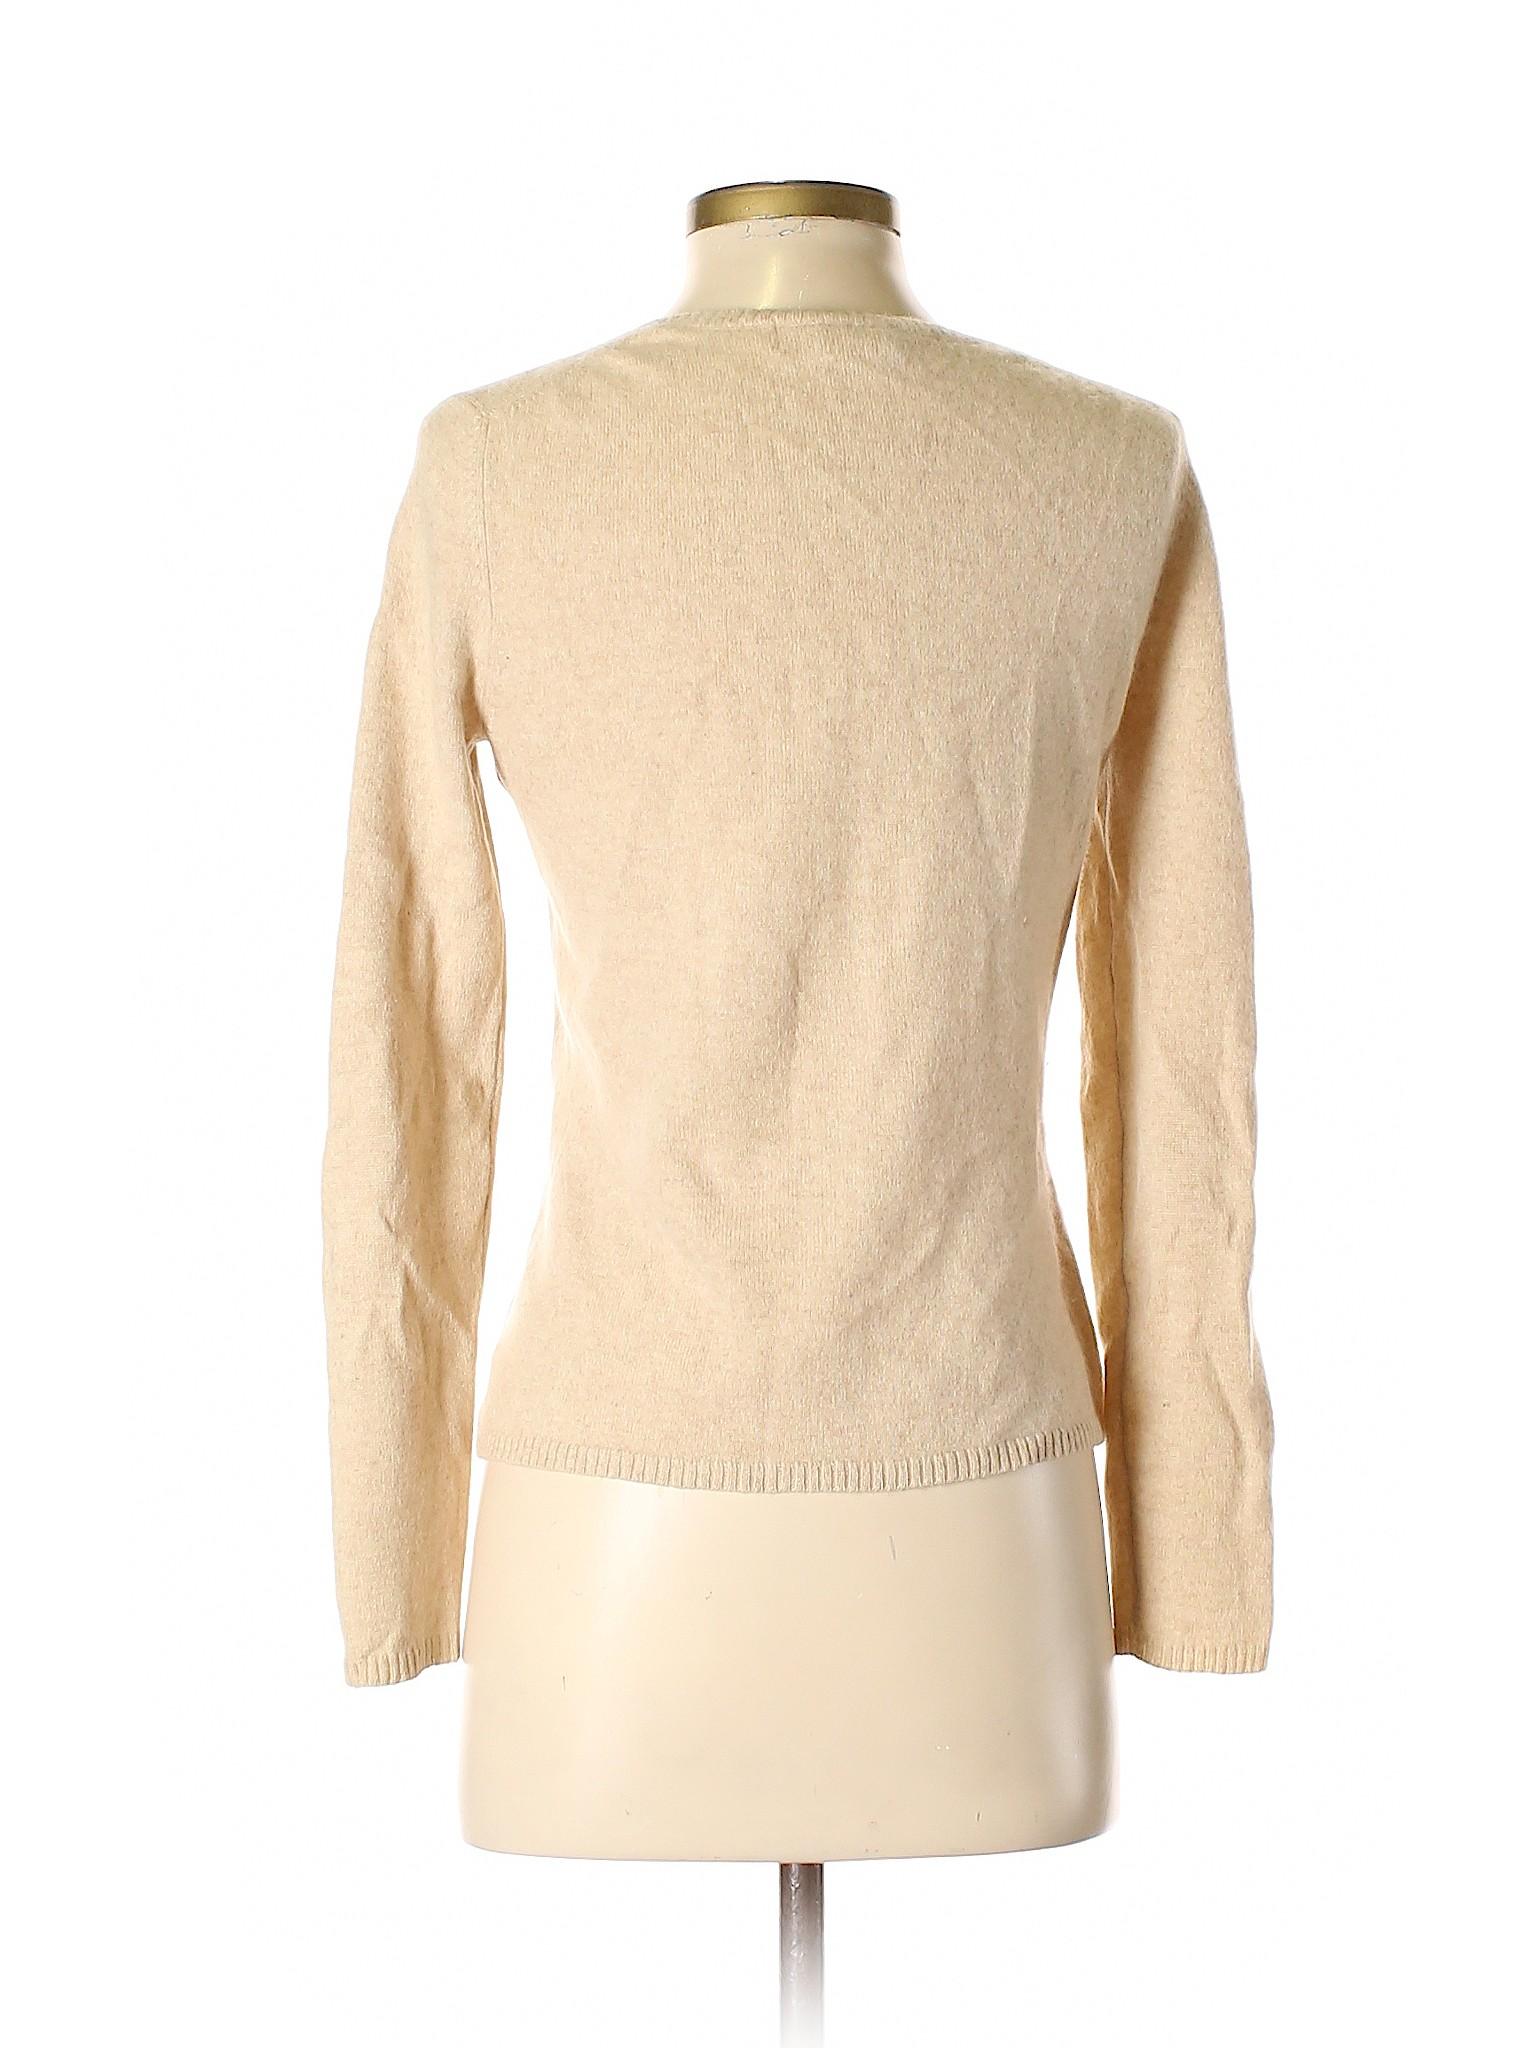 Boutique Chadwicks Sweater Cashmere Winter Pullover 4Sxq4r